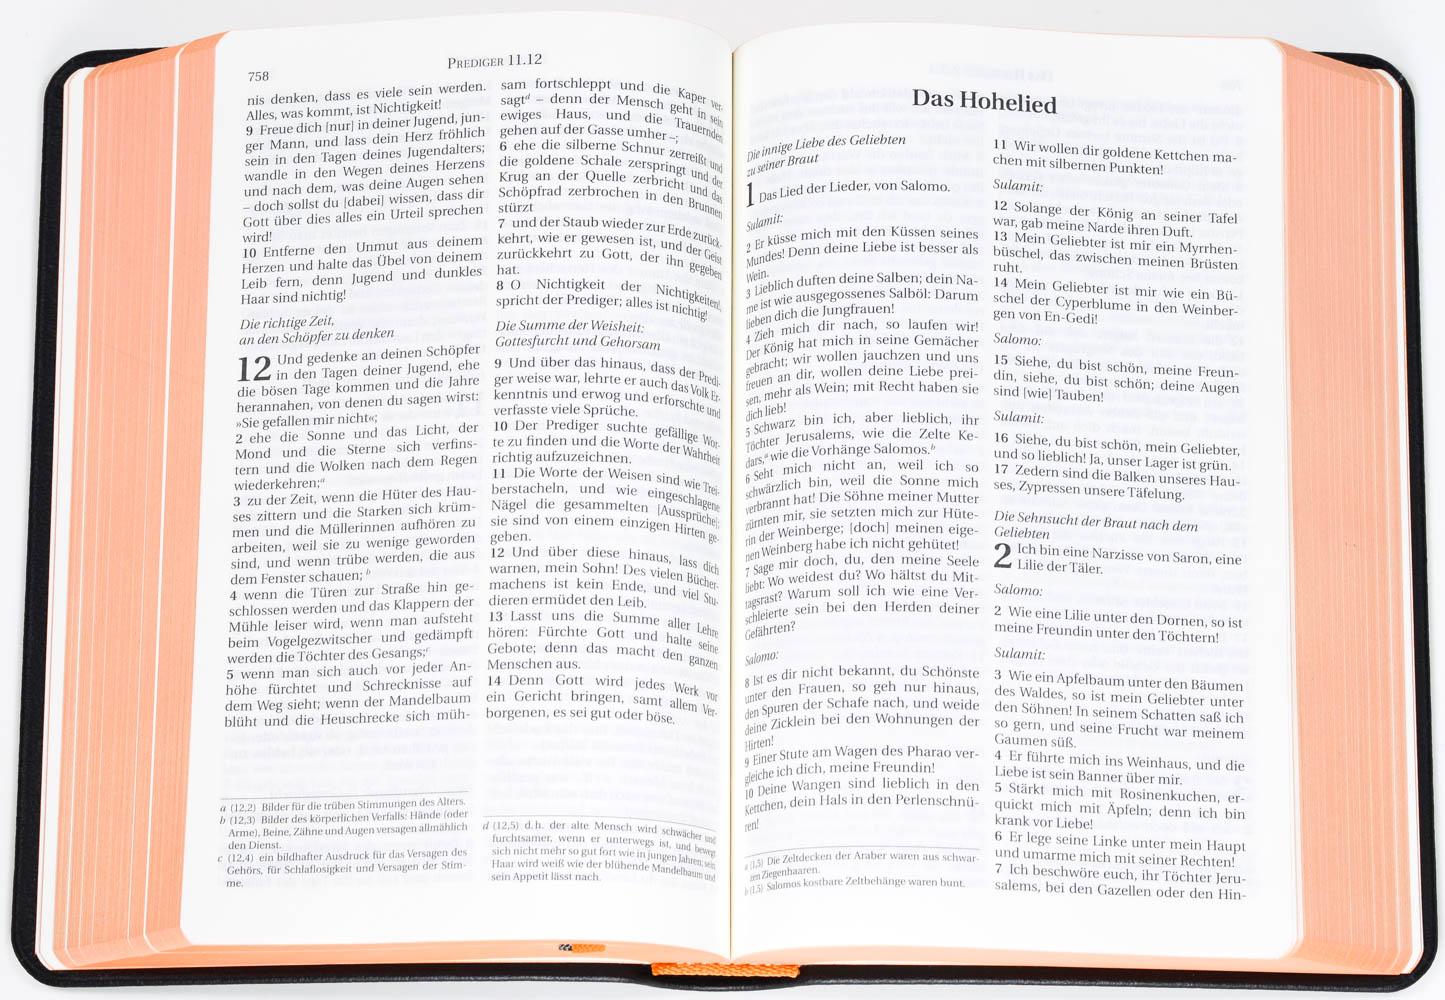 Schlachter 2000 – Taschenausgabe (Softcover, schwarz, Leder-Einband, Farbschnitt)